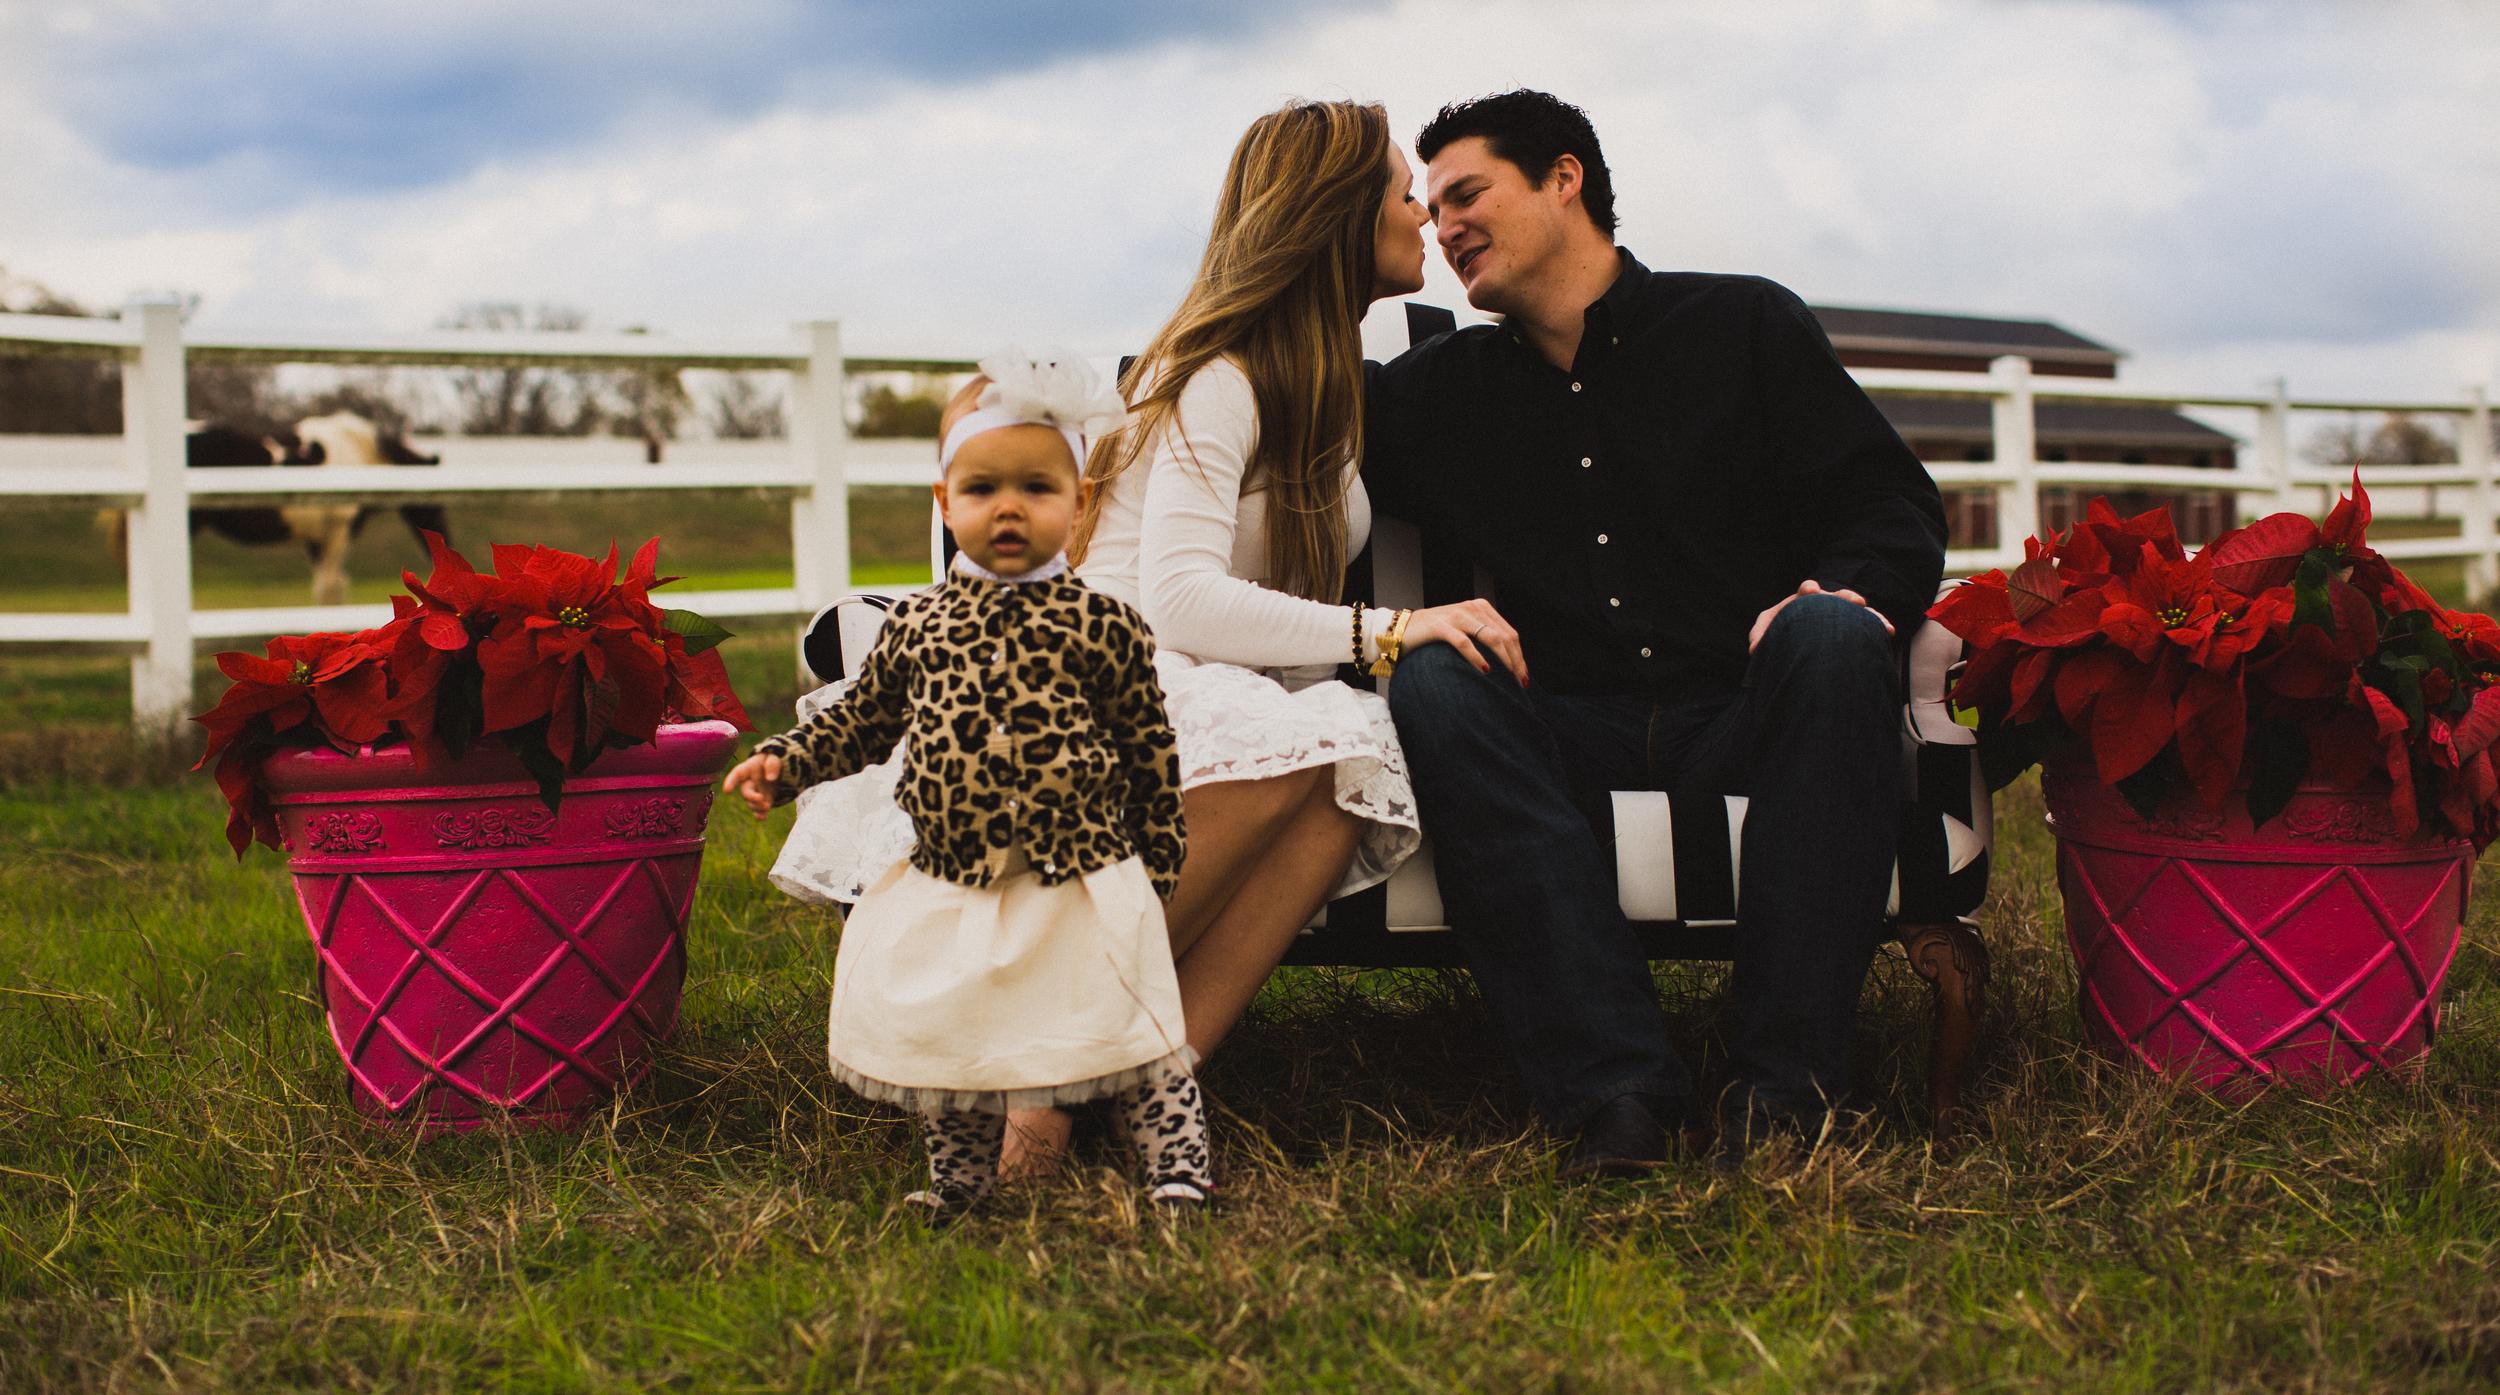 houstonfamilyphotographer-h2014-greer-goforthfam-74.jpg